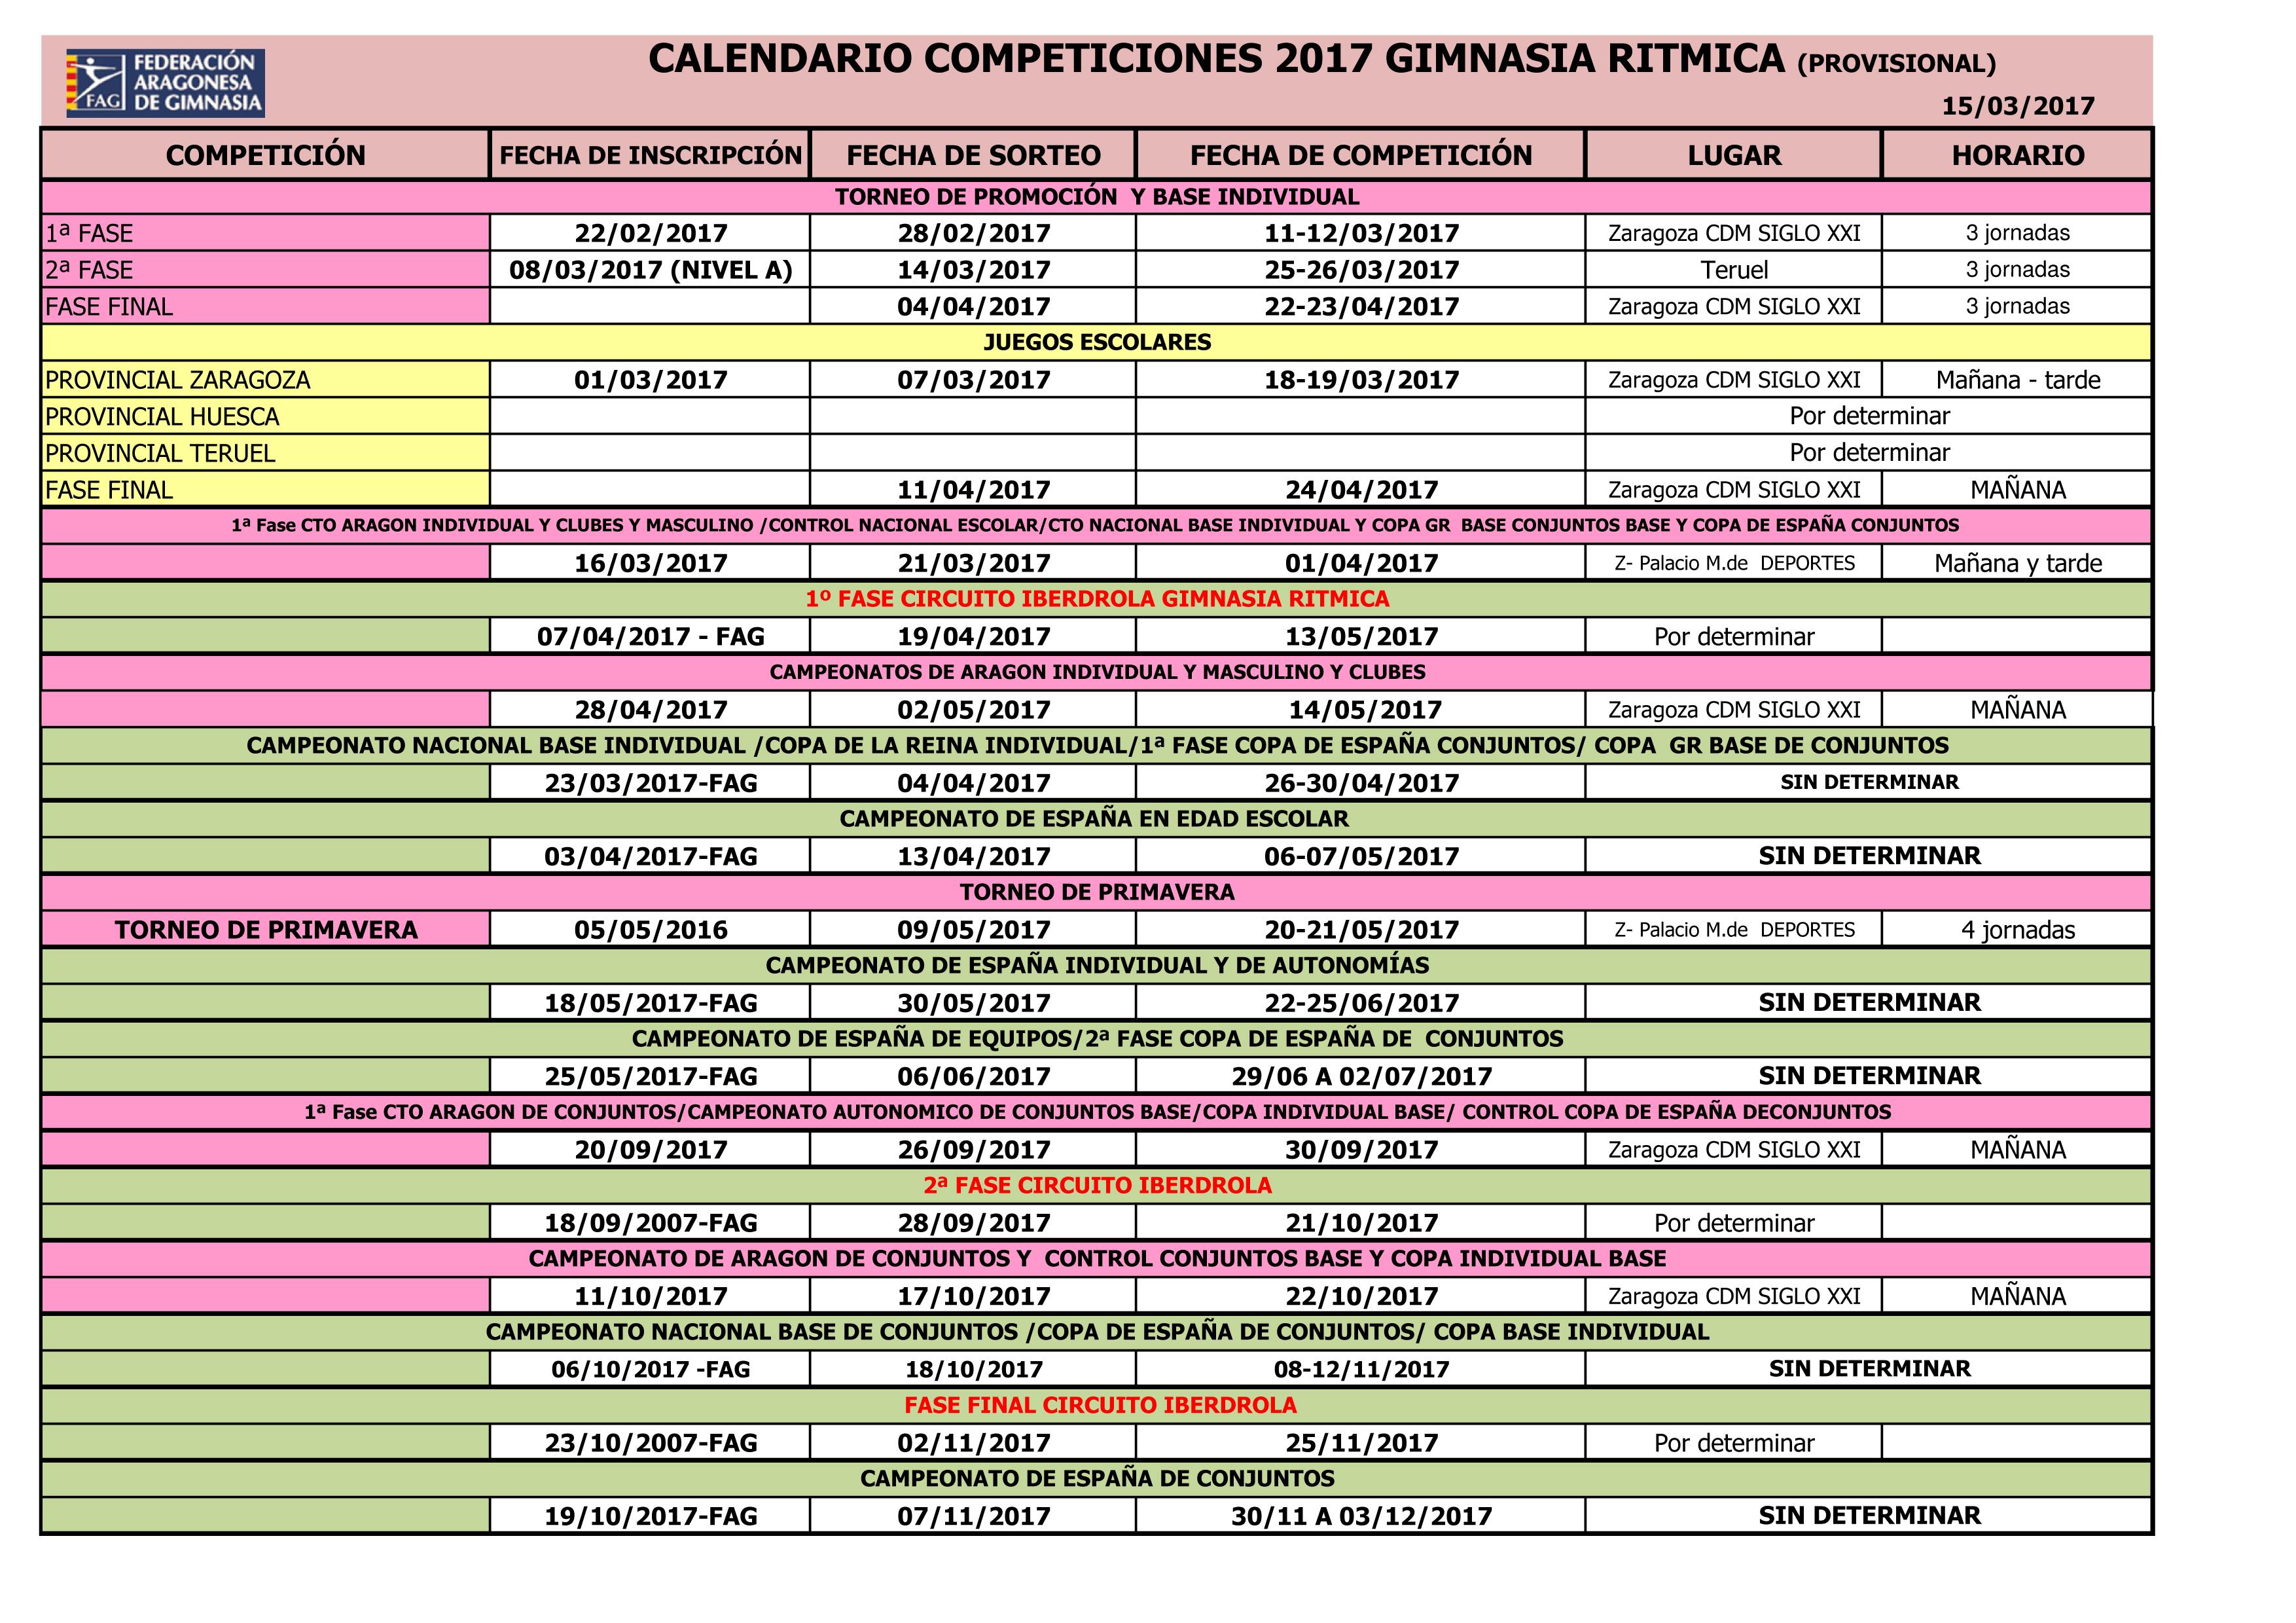 CALENDARIO GR PROVISIONAL 2017  actualizado 06 Febrero-2017.xls